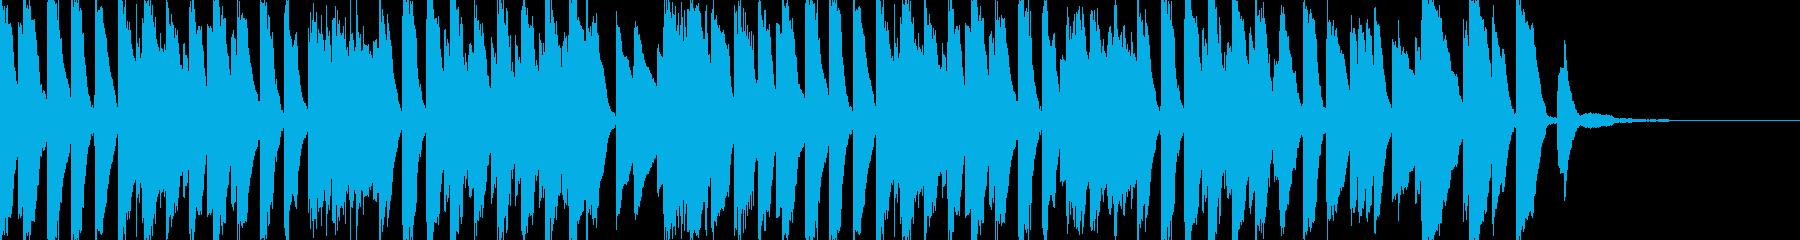 リズミカルで陽気なお洒落ピアノ曲の再生済みの波形